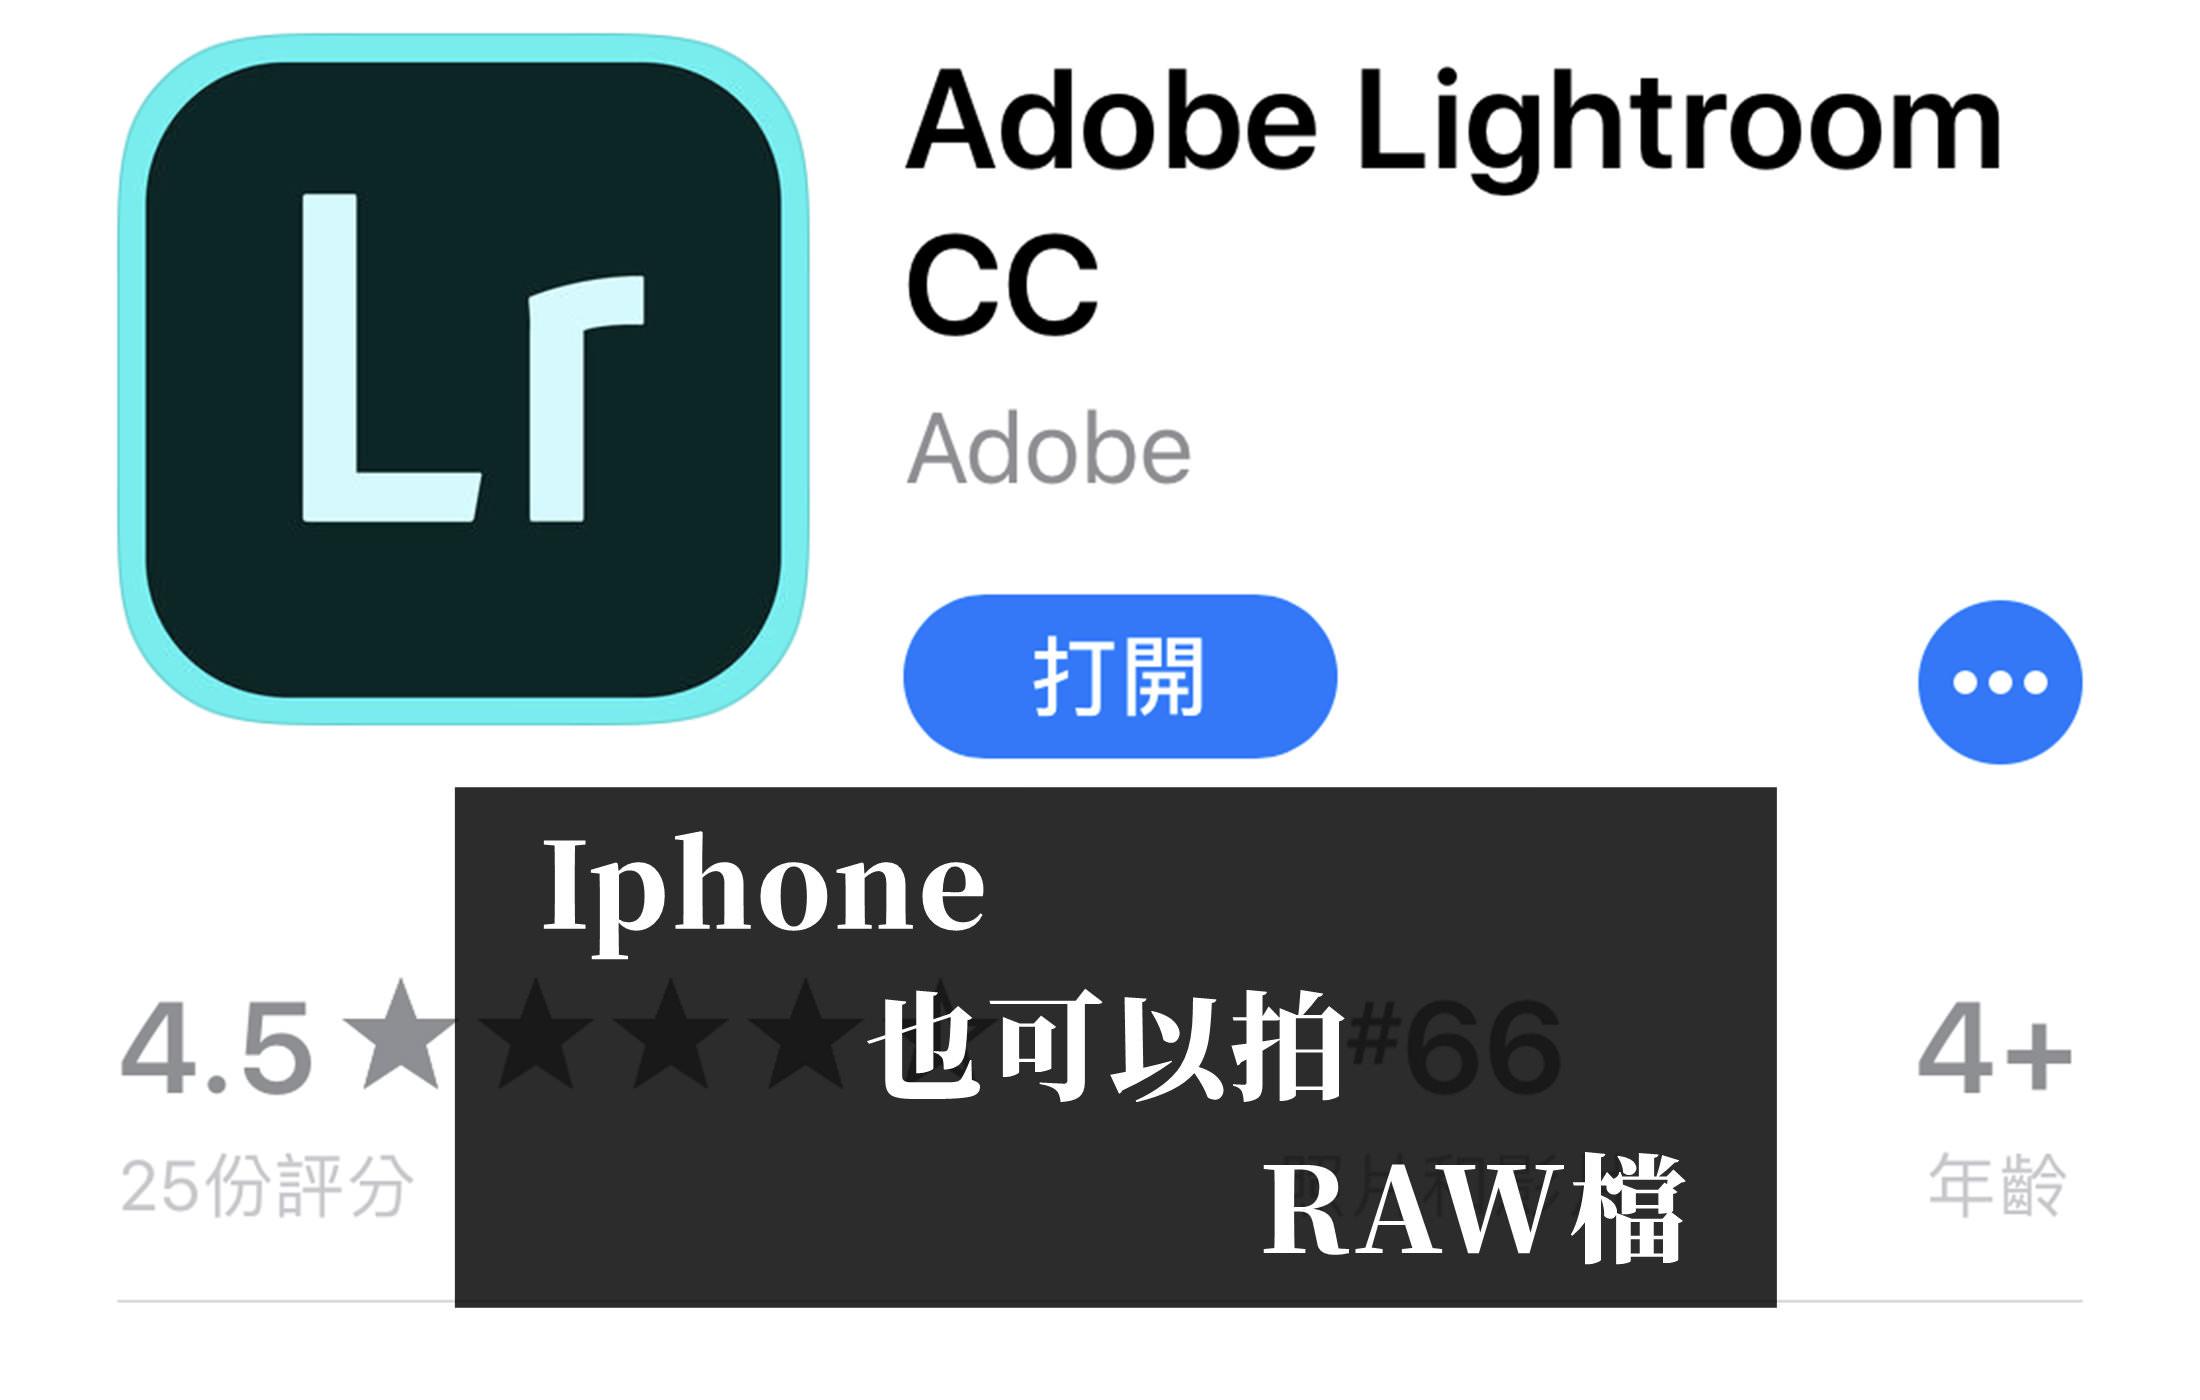 [分享]Iphone如何拍RAW檔?!~安裝這個APP就可以了。